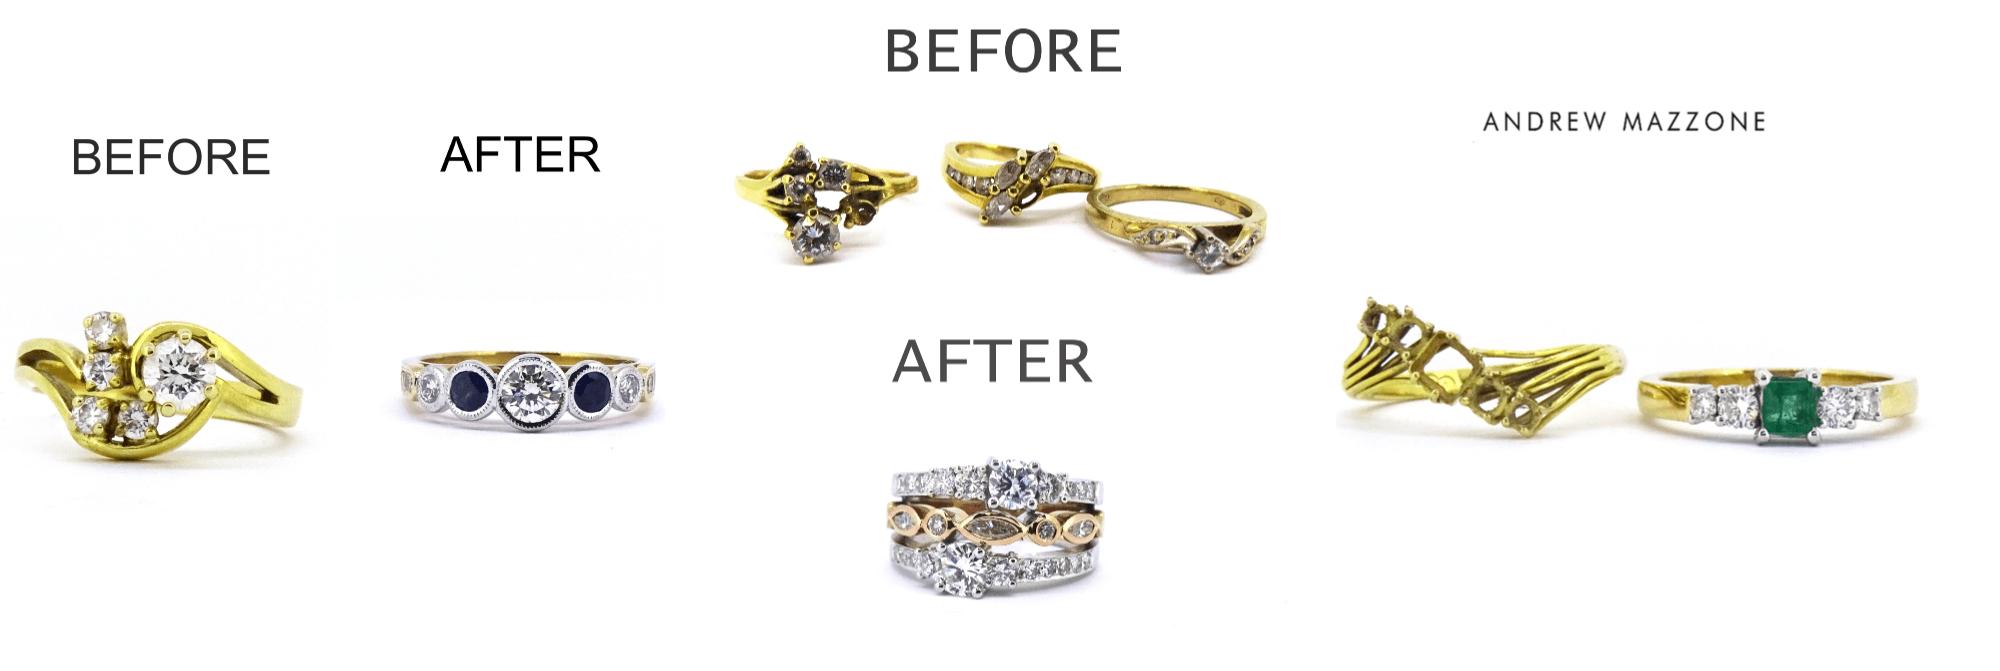 Andrew Mazzone Jewellery Remodel